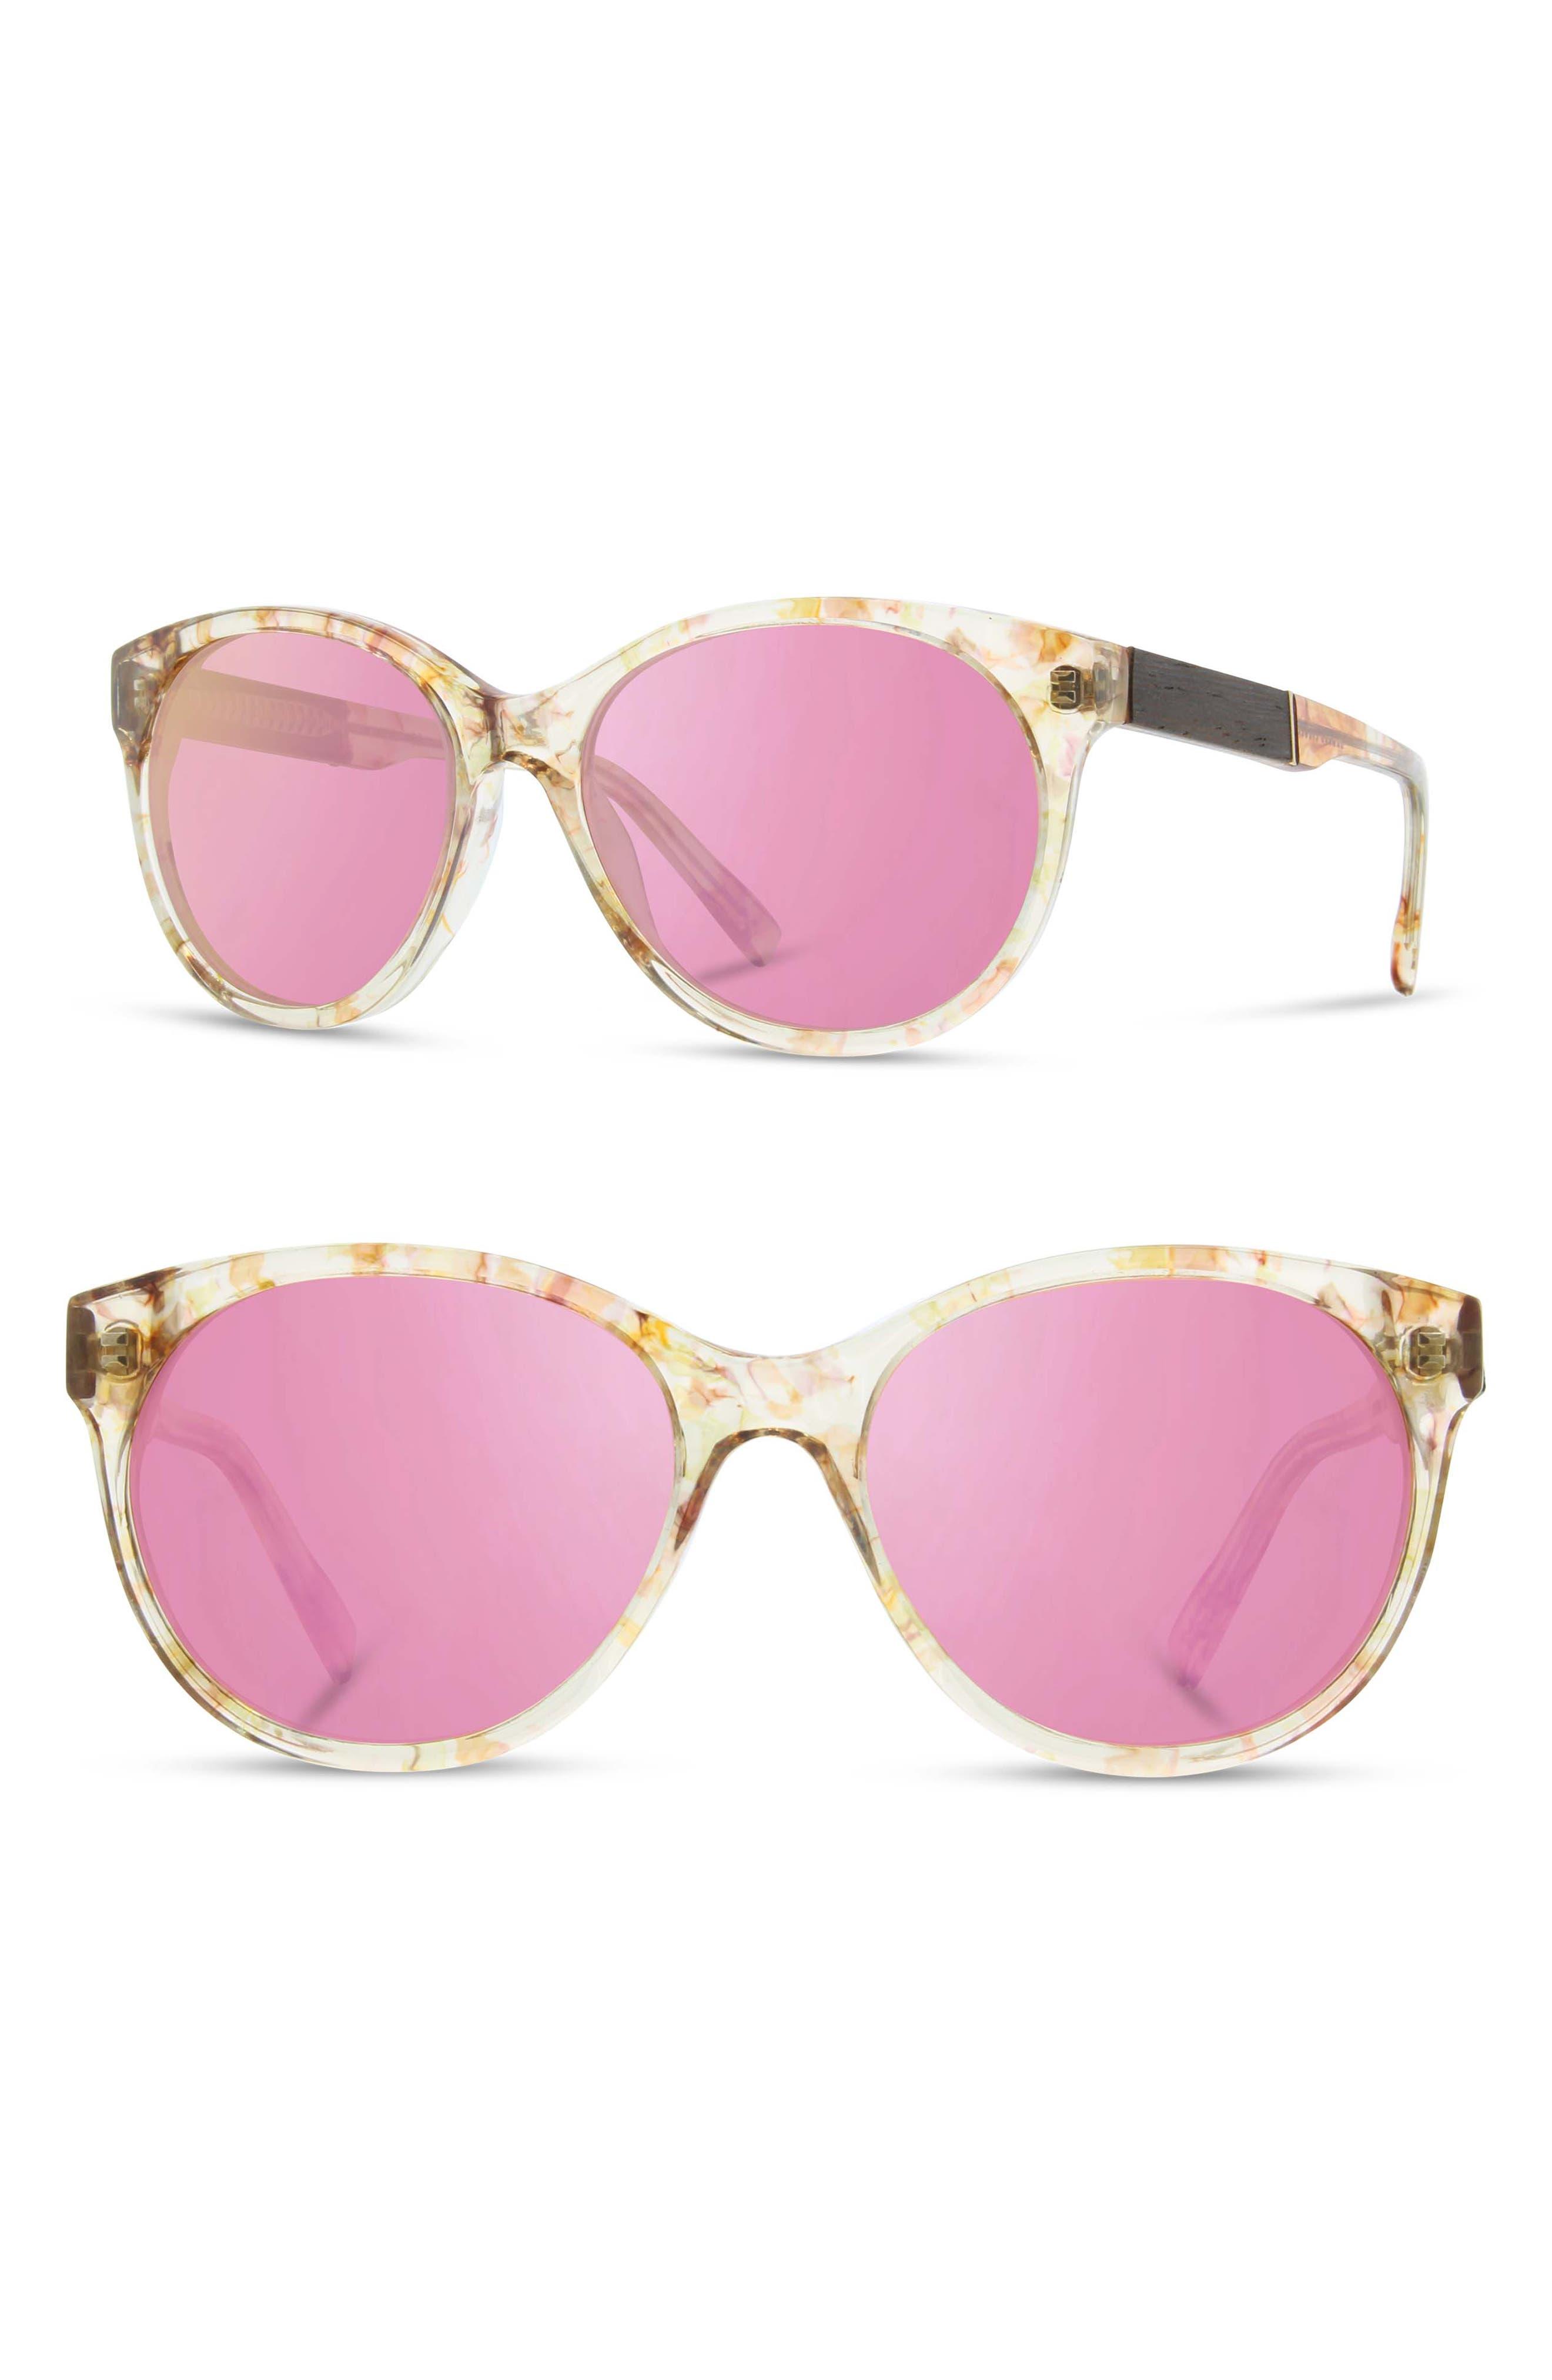 SHWOOD 'Madison' 54Mm Polarized Sunglasses - Blossom/ Ebony/ Rose Flash